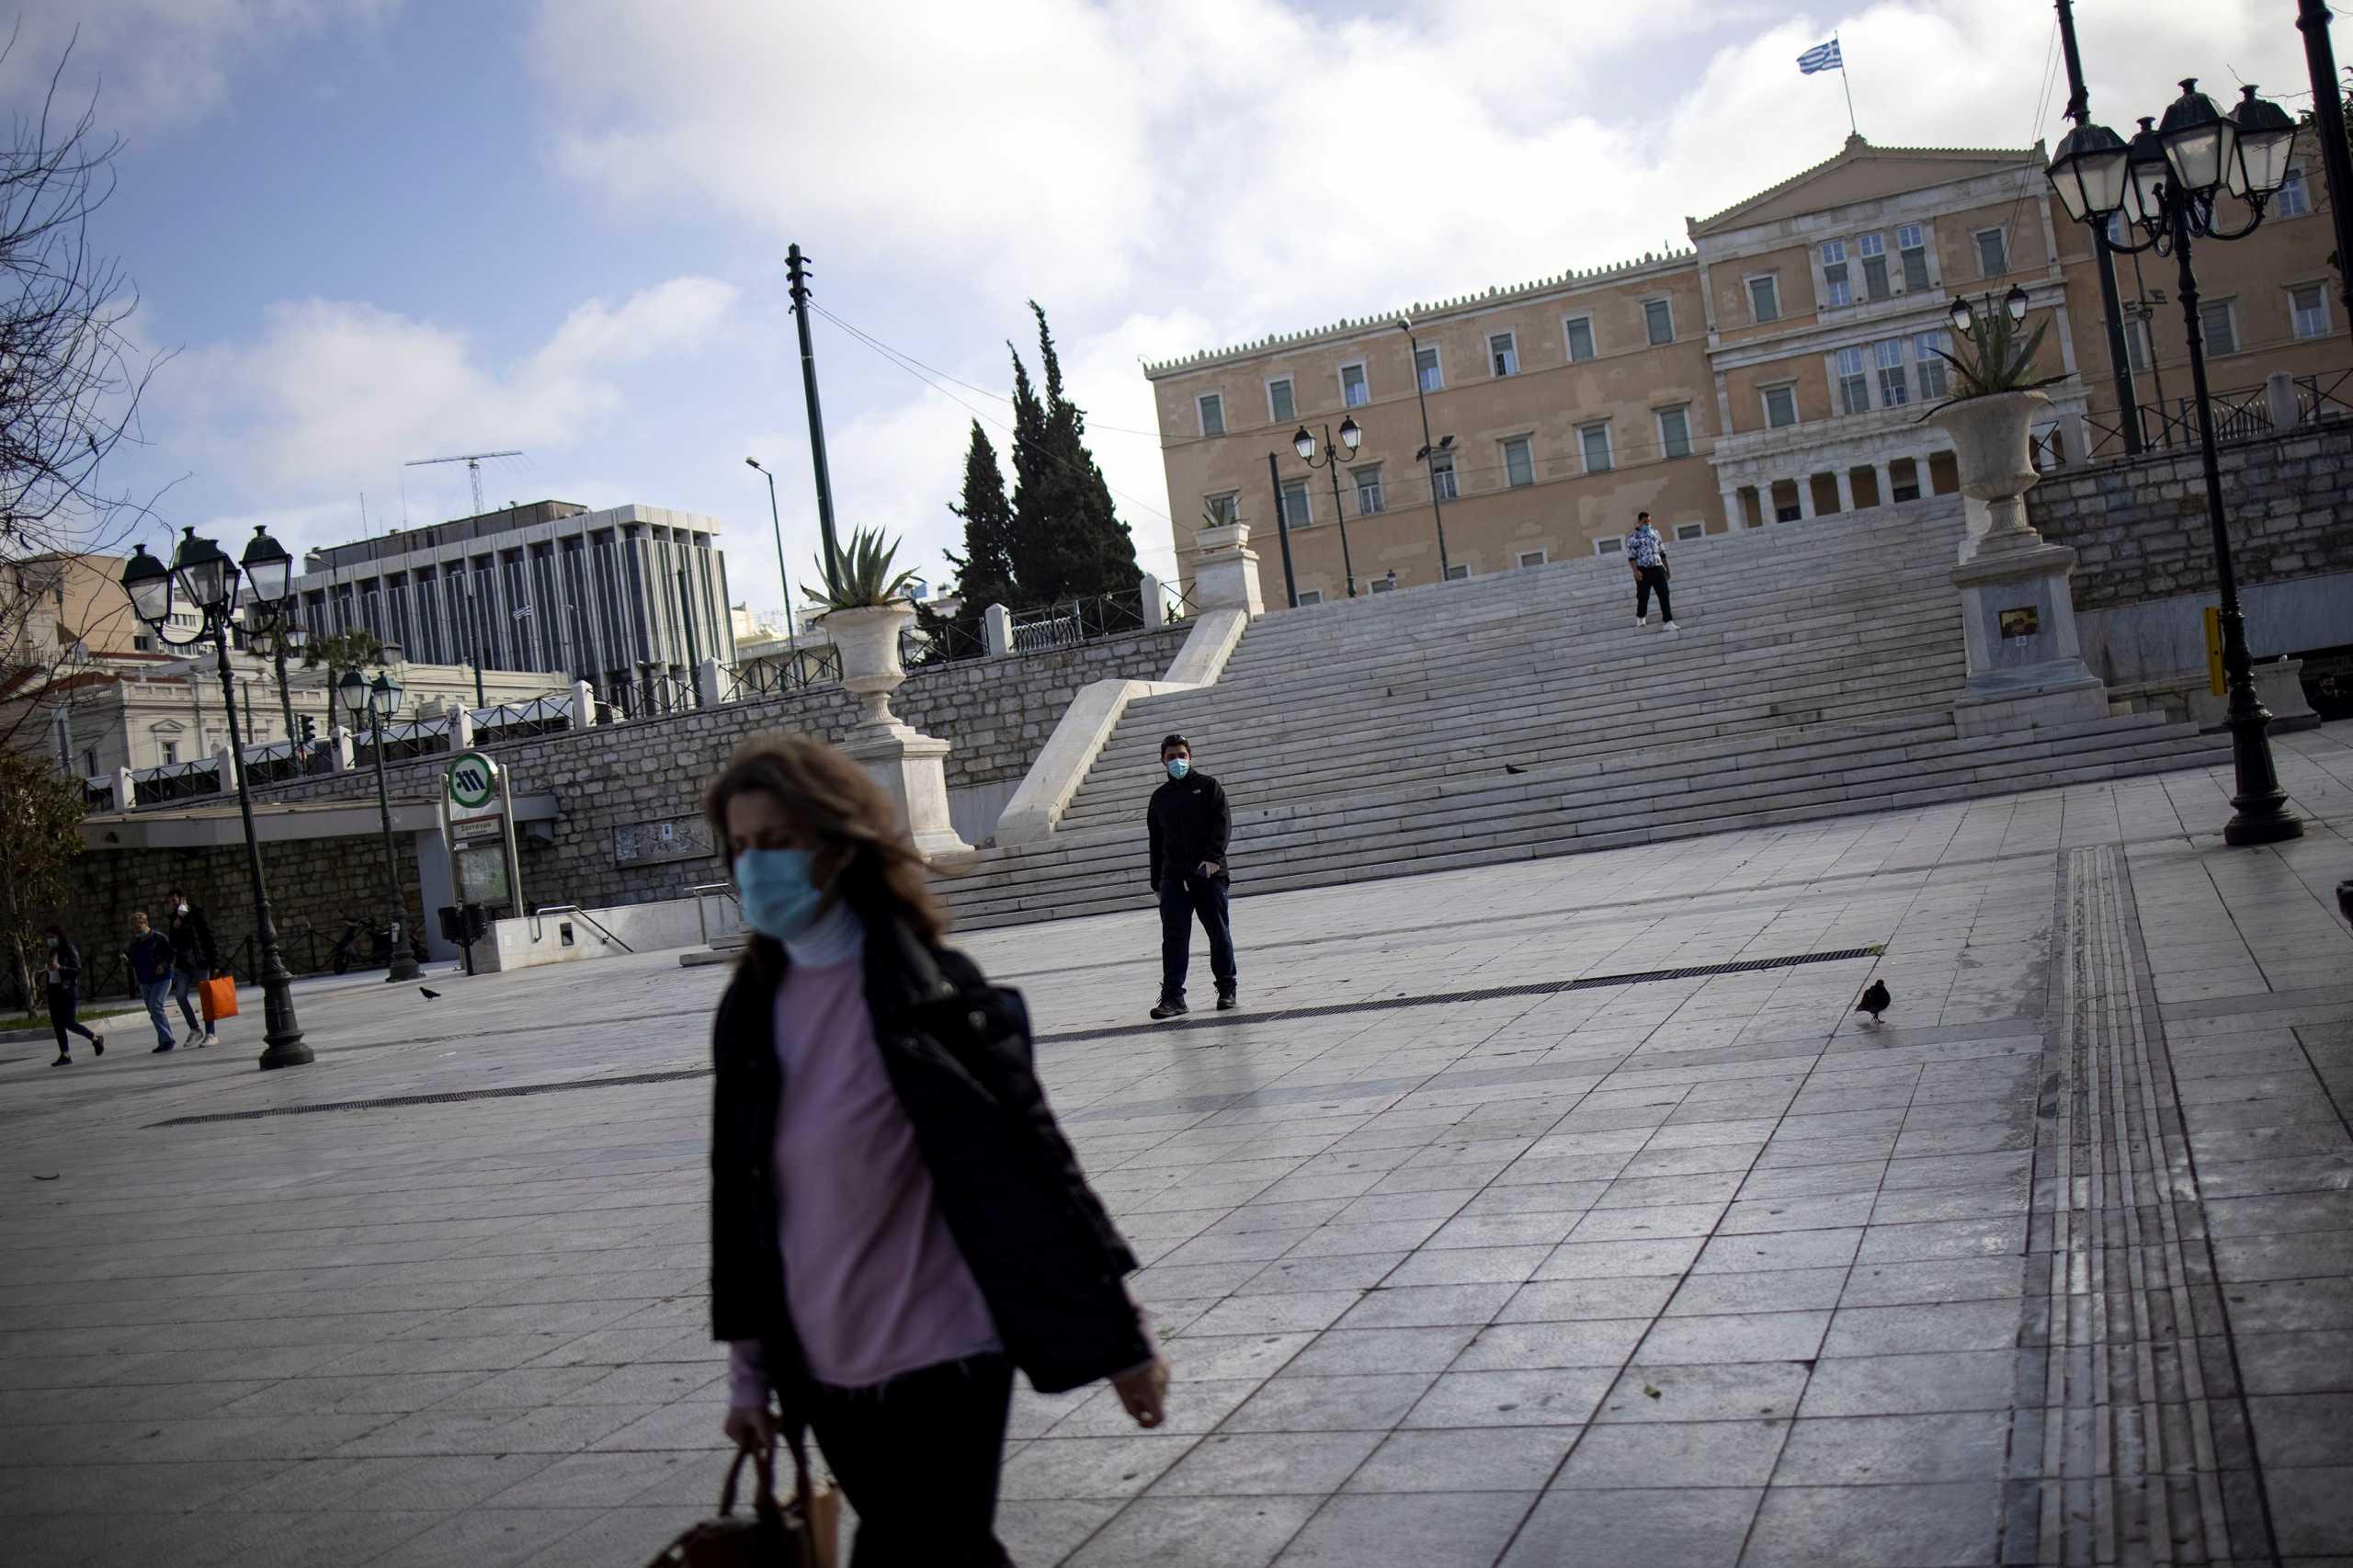 Έρευνα της διαΝΕΟσις: Ένας χρόνος πανδημία – Πως ζουν οι Έλληνες, η ανασφάλεια για το μέλλον και η αισιοδοξία από τα εμβόλια